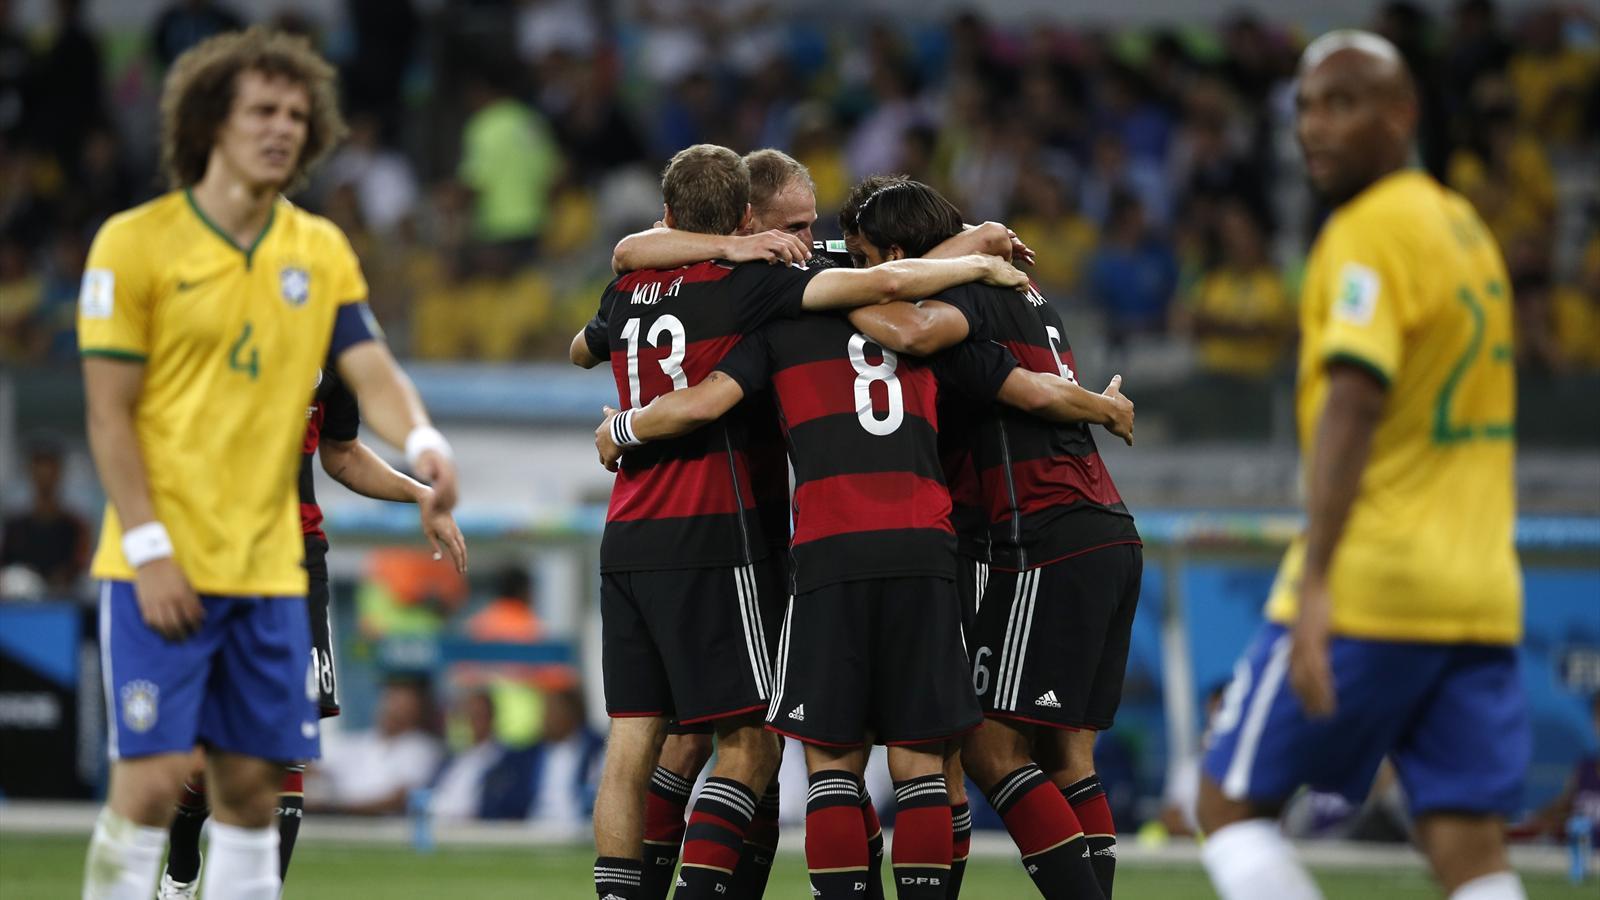 Brésil - Allemagne (1-7), analyse : Cette belle Allemagne méritait autre chose qu'une équipe de DH - Eurosport